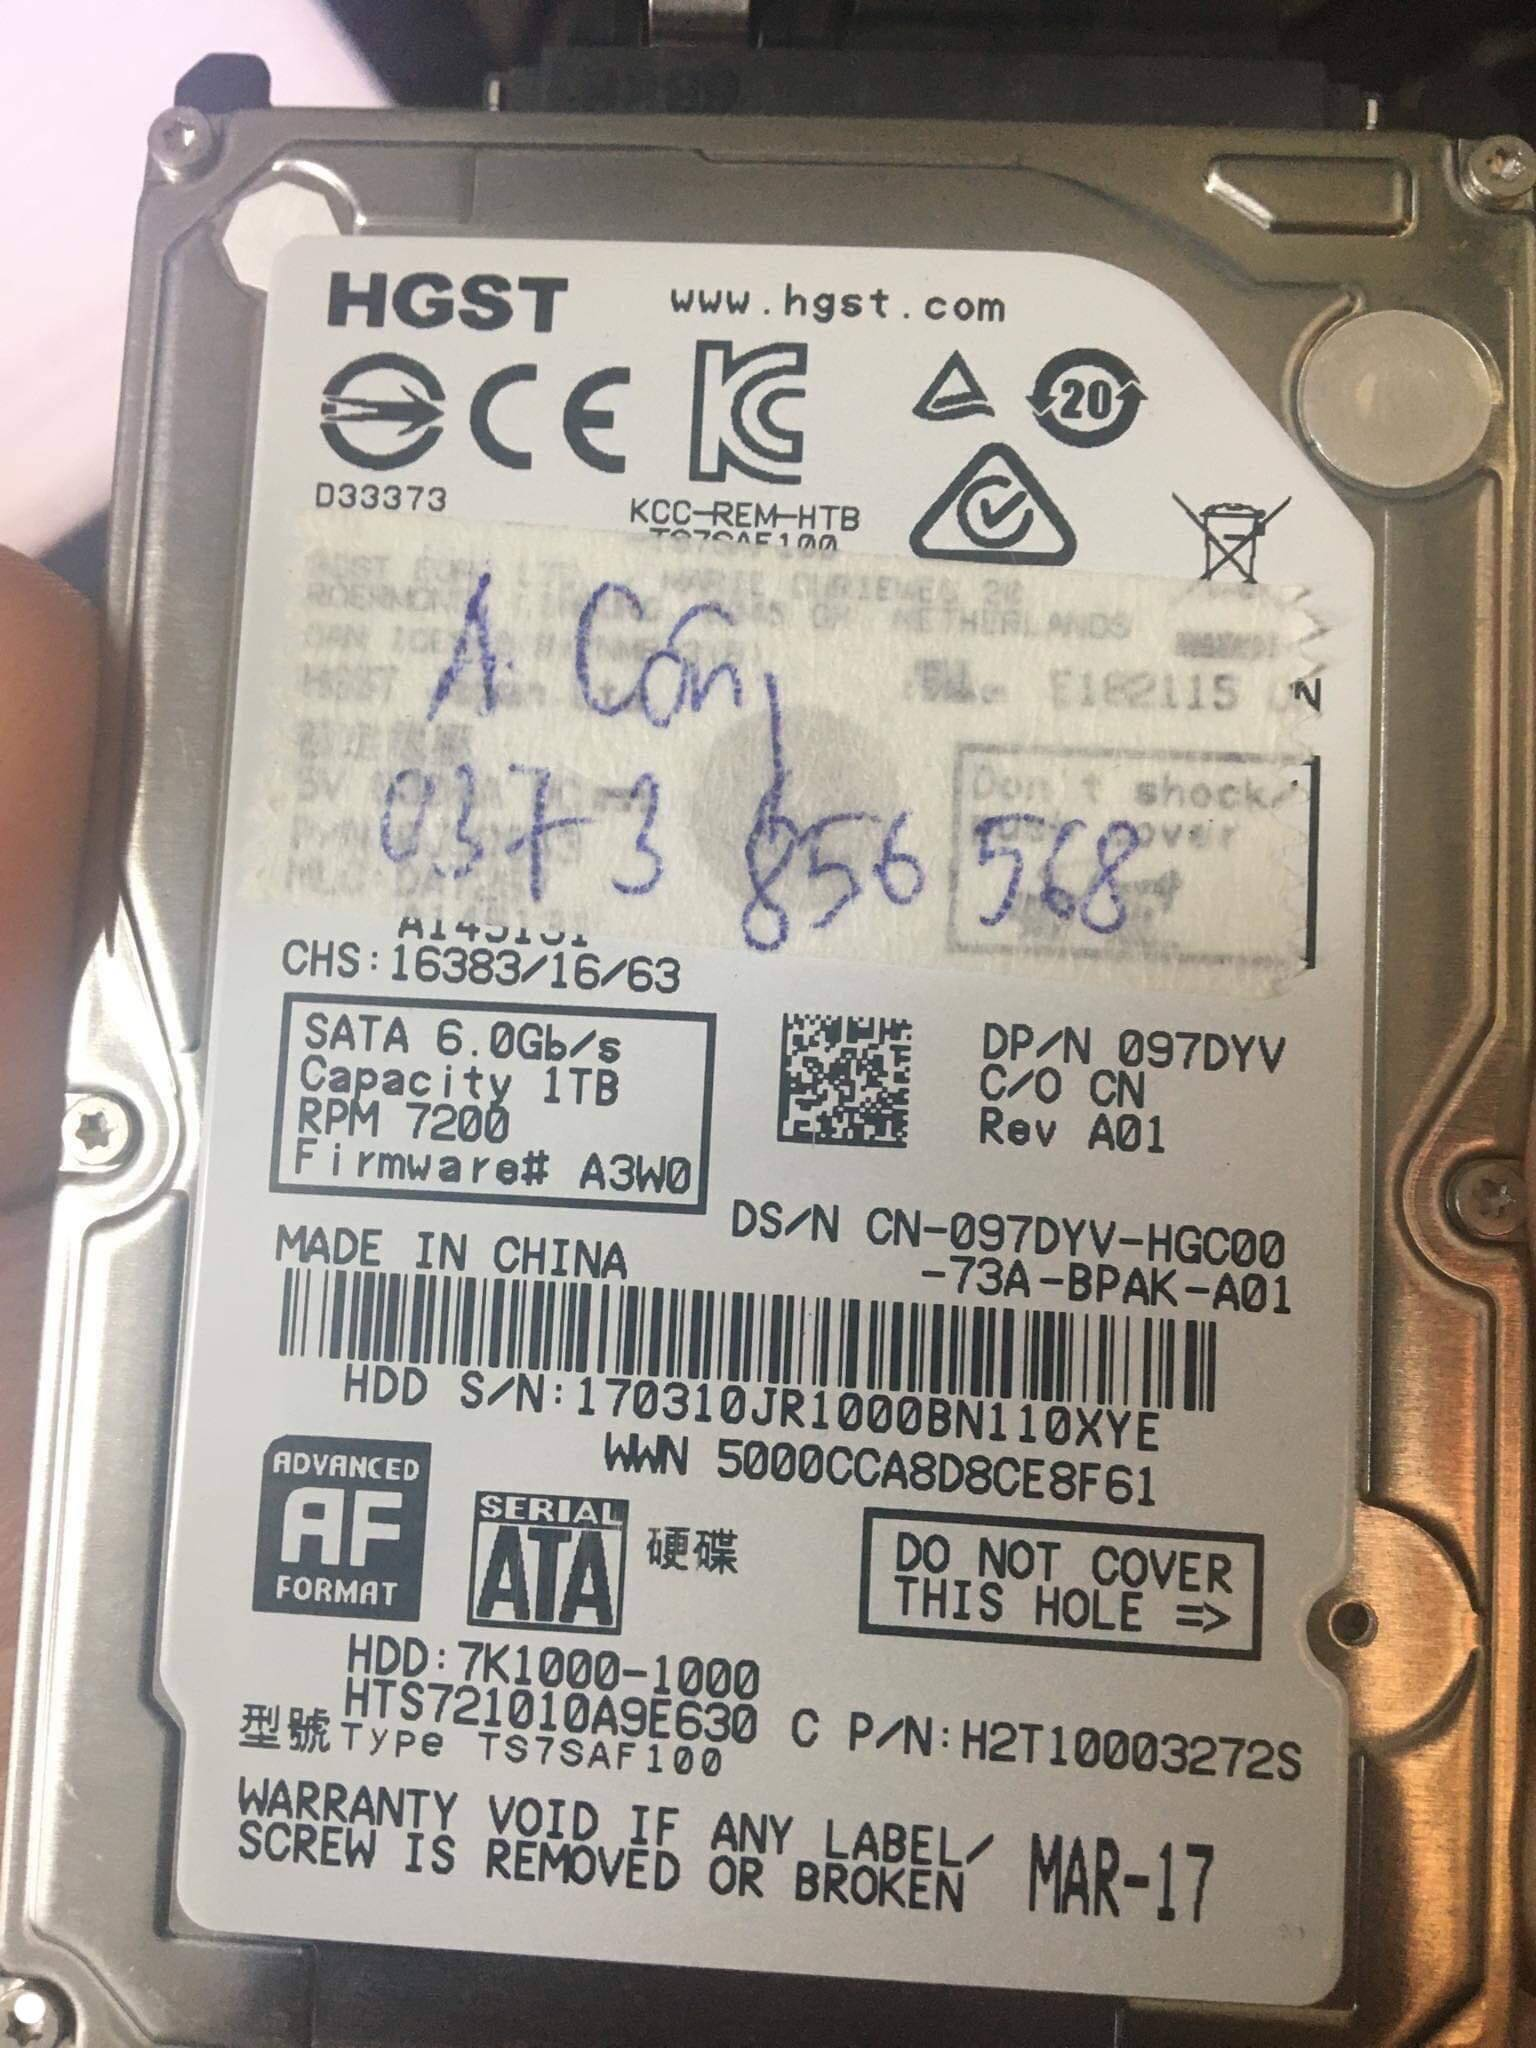 Khôi phục dữ liệu ổ cứng HGST 1TB xóa nhầm 31/01/2020 - cuumaytinh